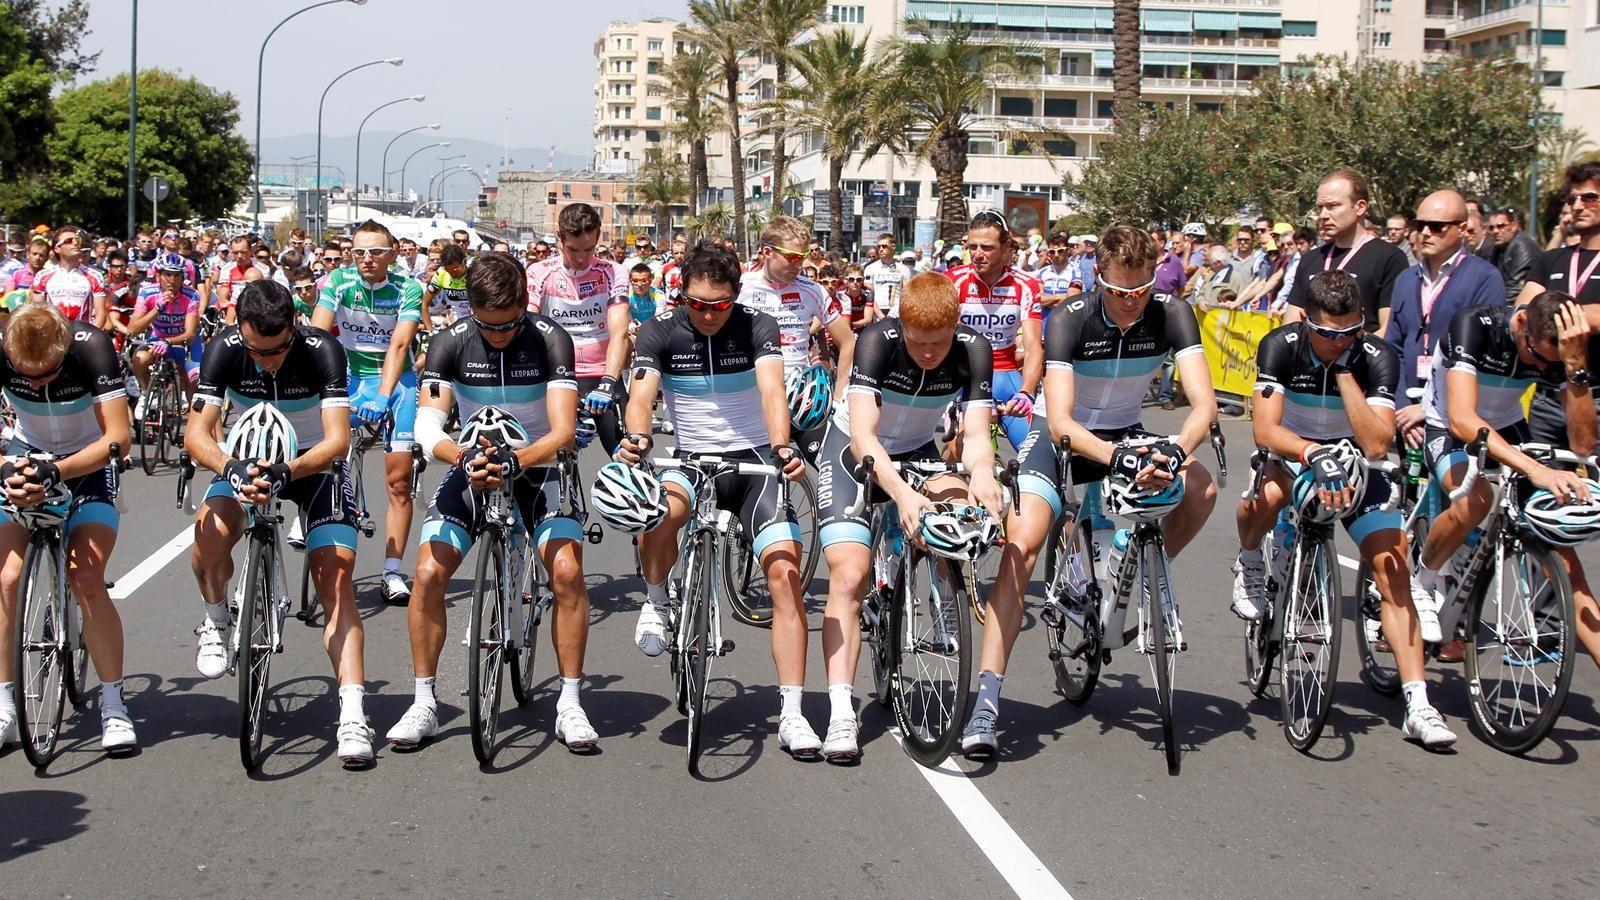 走进环意赛:环意自行车比赛现场图片分享 图4